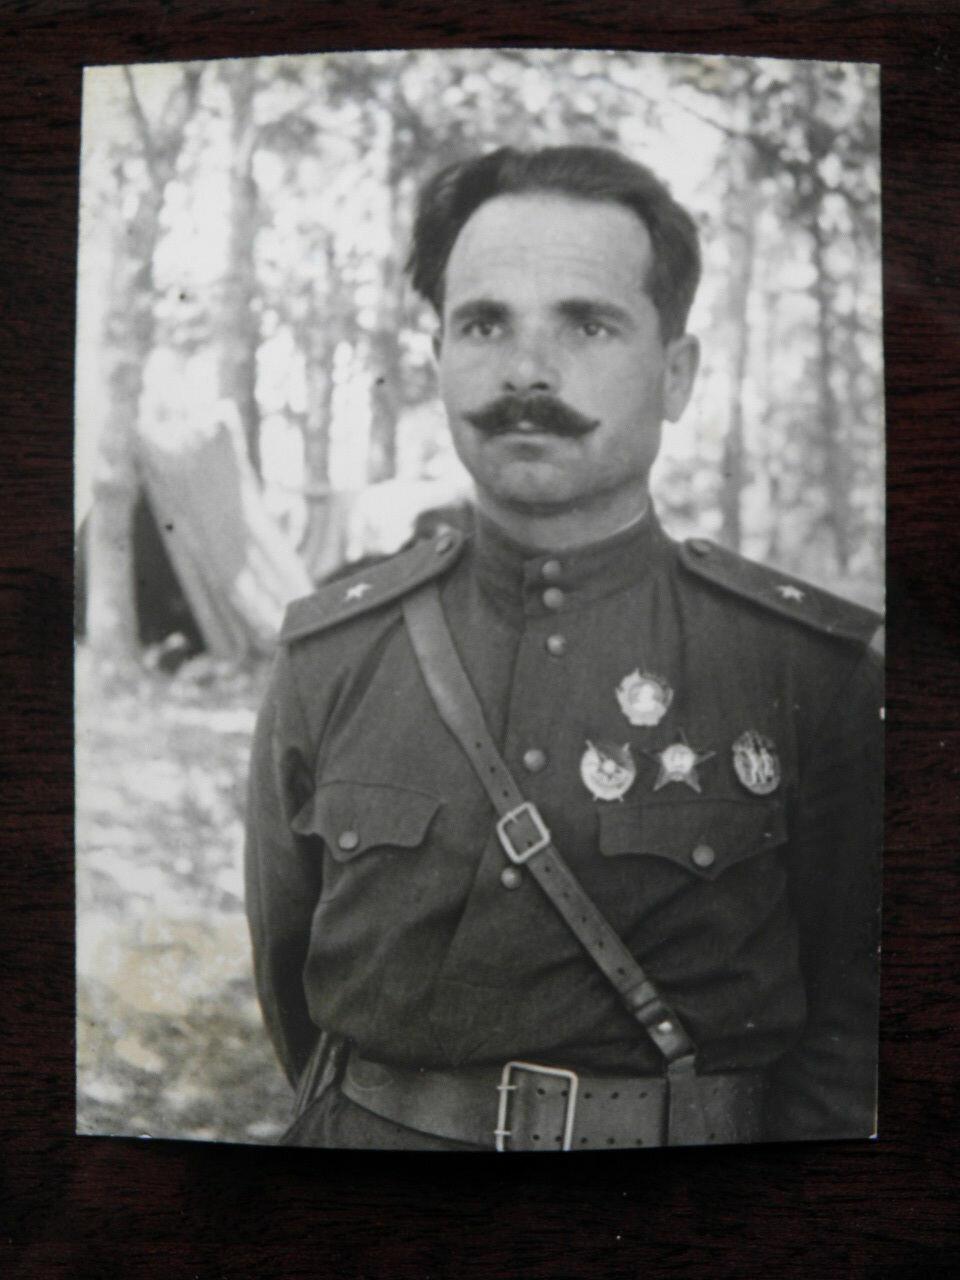 Семён Васильевич Руднев  (15 [27] февраля 1899 — 4 августа 1943) — Герой Советского Союза (1944, посмертно), один из руководителей партизанского движения на Украине, генерал-майор